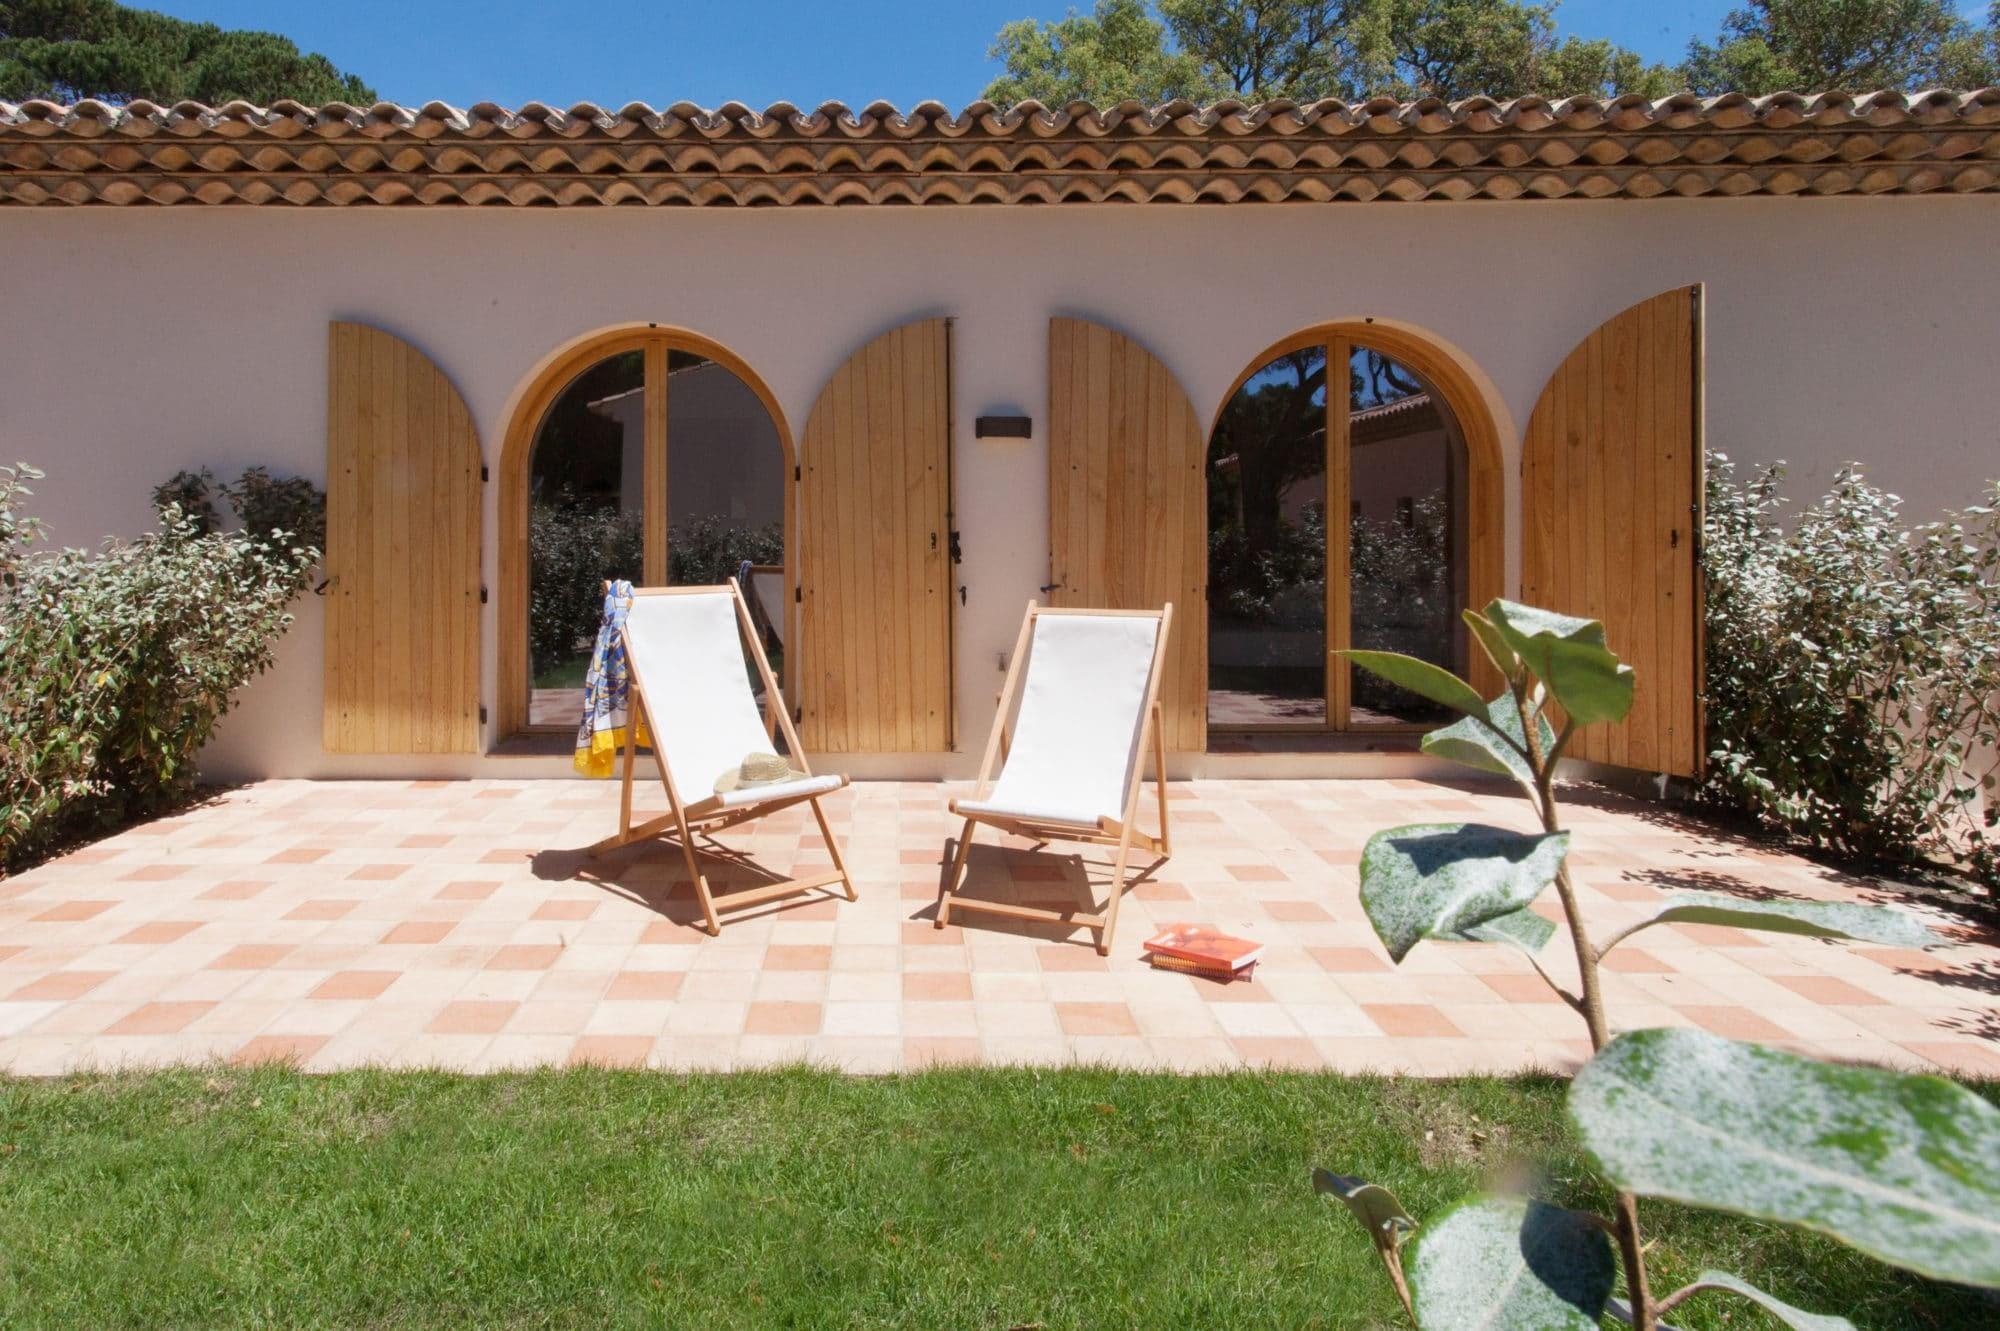 Façade L'Arbousier et terrase / Front of the house L'Arbousier and terrace